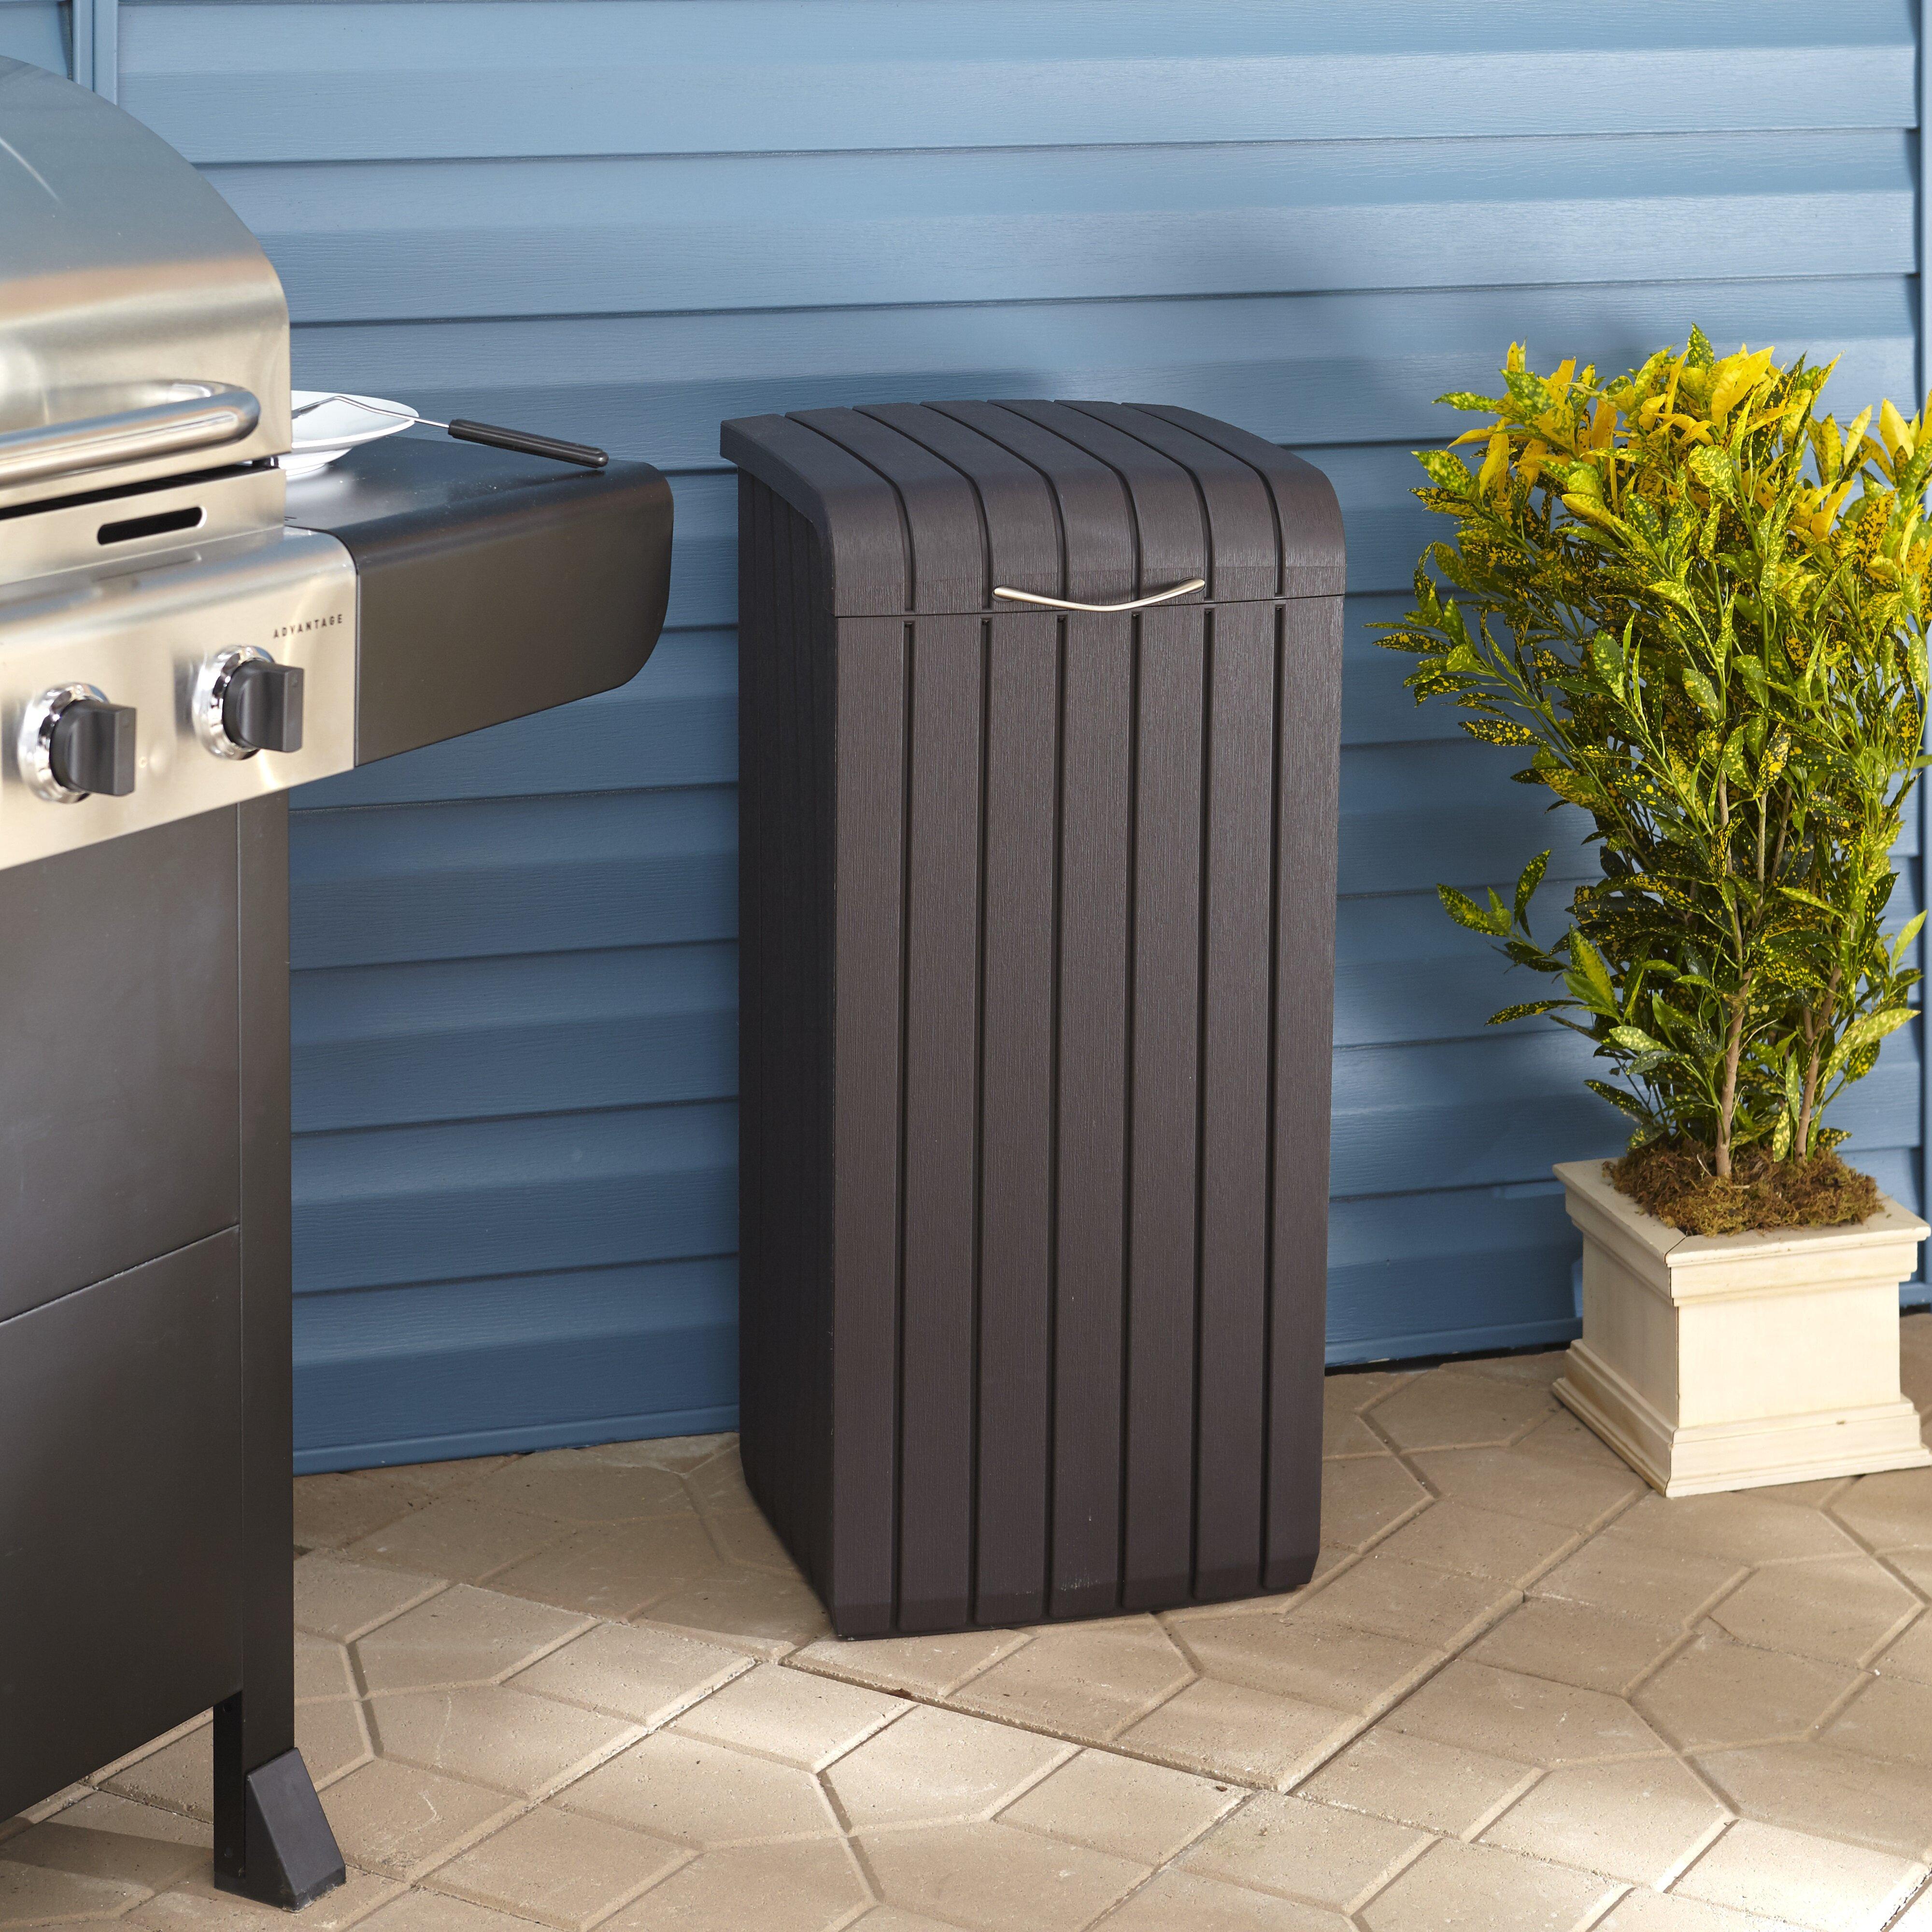 Keter Copenhagen Woodlook 30 Gallon Trash Can Reviews Wayfair